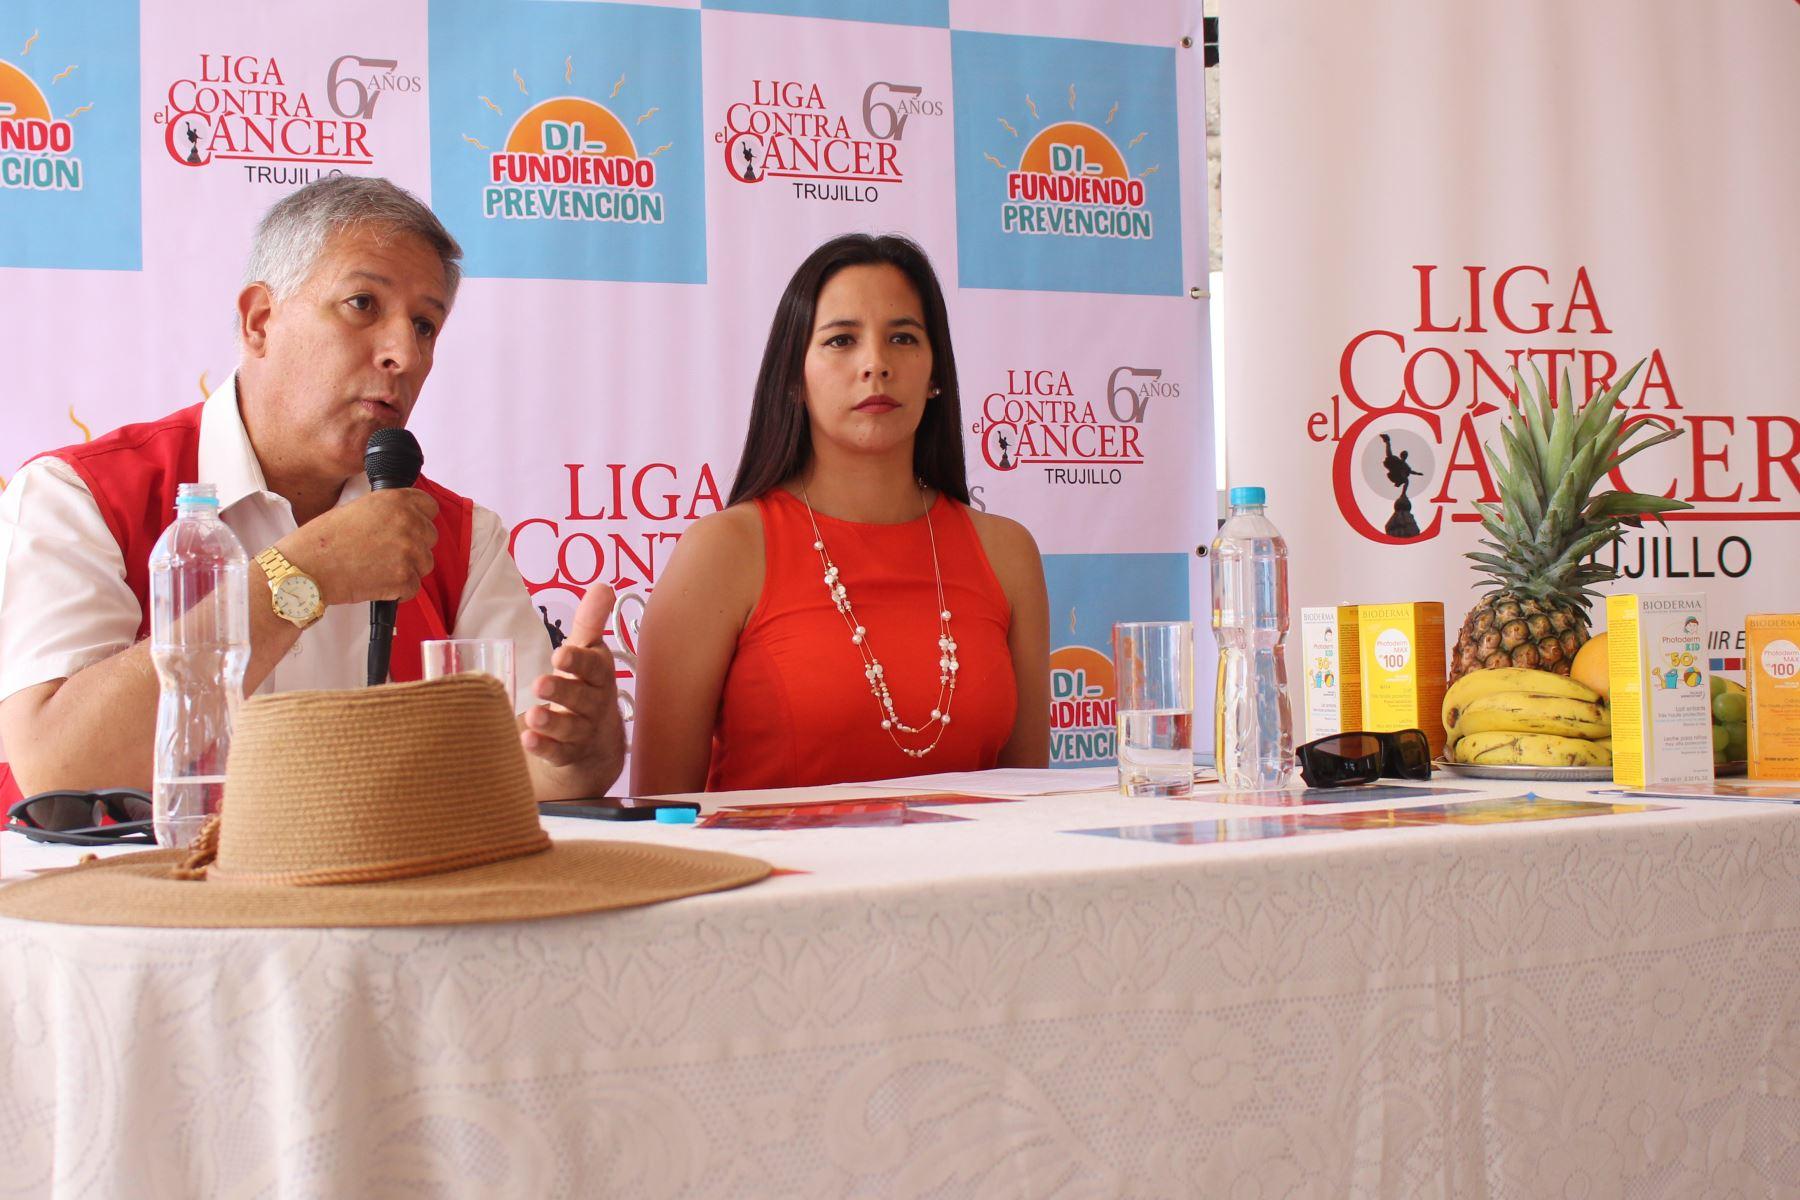 Liga Contra el Cáncer de Trujillo hará despistajes gratuitos de cáncer de piel en playas y balnearios de la región La Libertad. ANDINA/Difusión